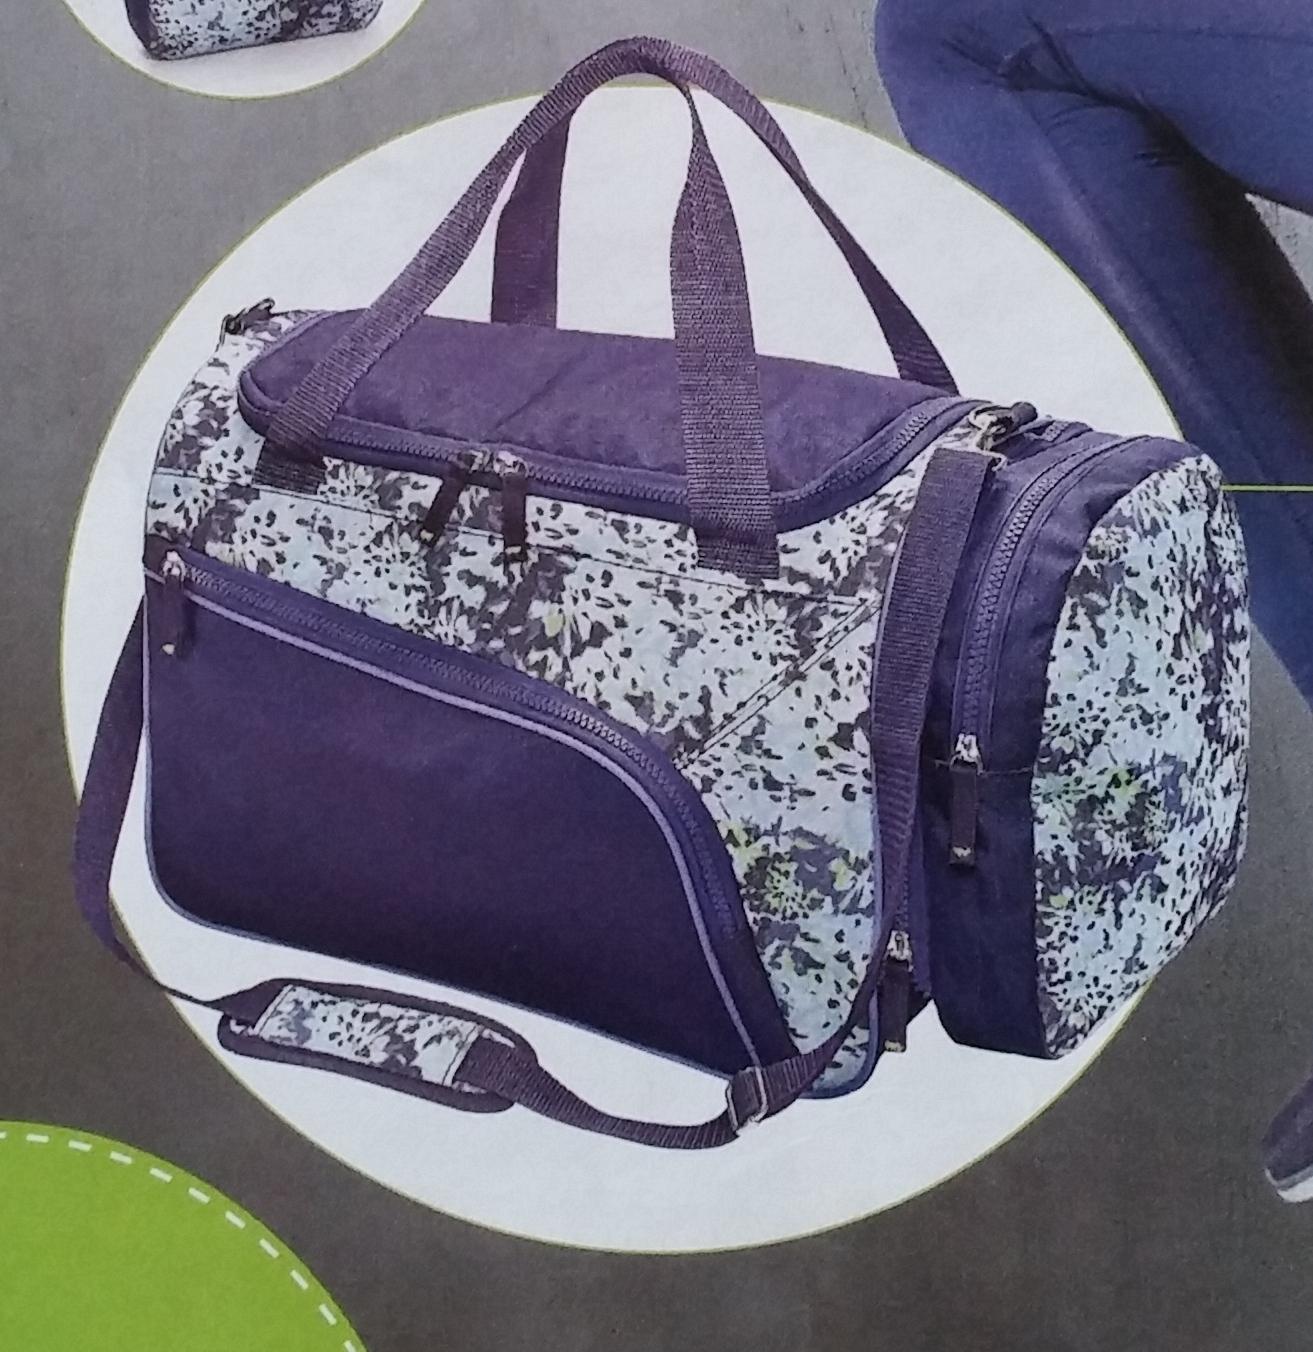 Дорожные сумки в эйвоне фото nomad рюкзаки